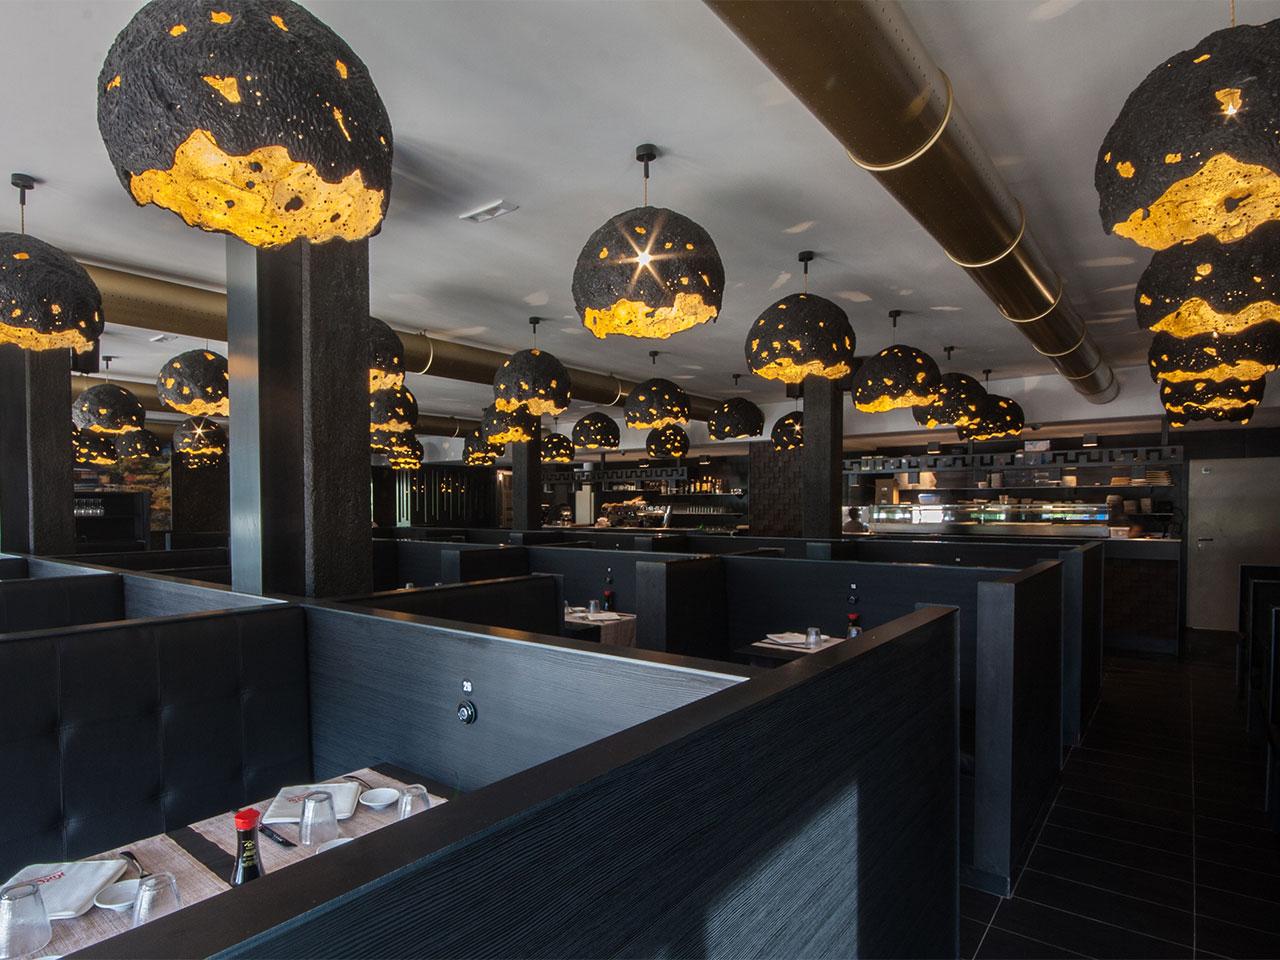 ristorante-giapponese-hiro-japanese-restaurant-cassano-magnago-7